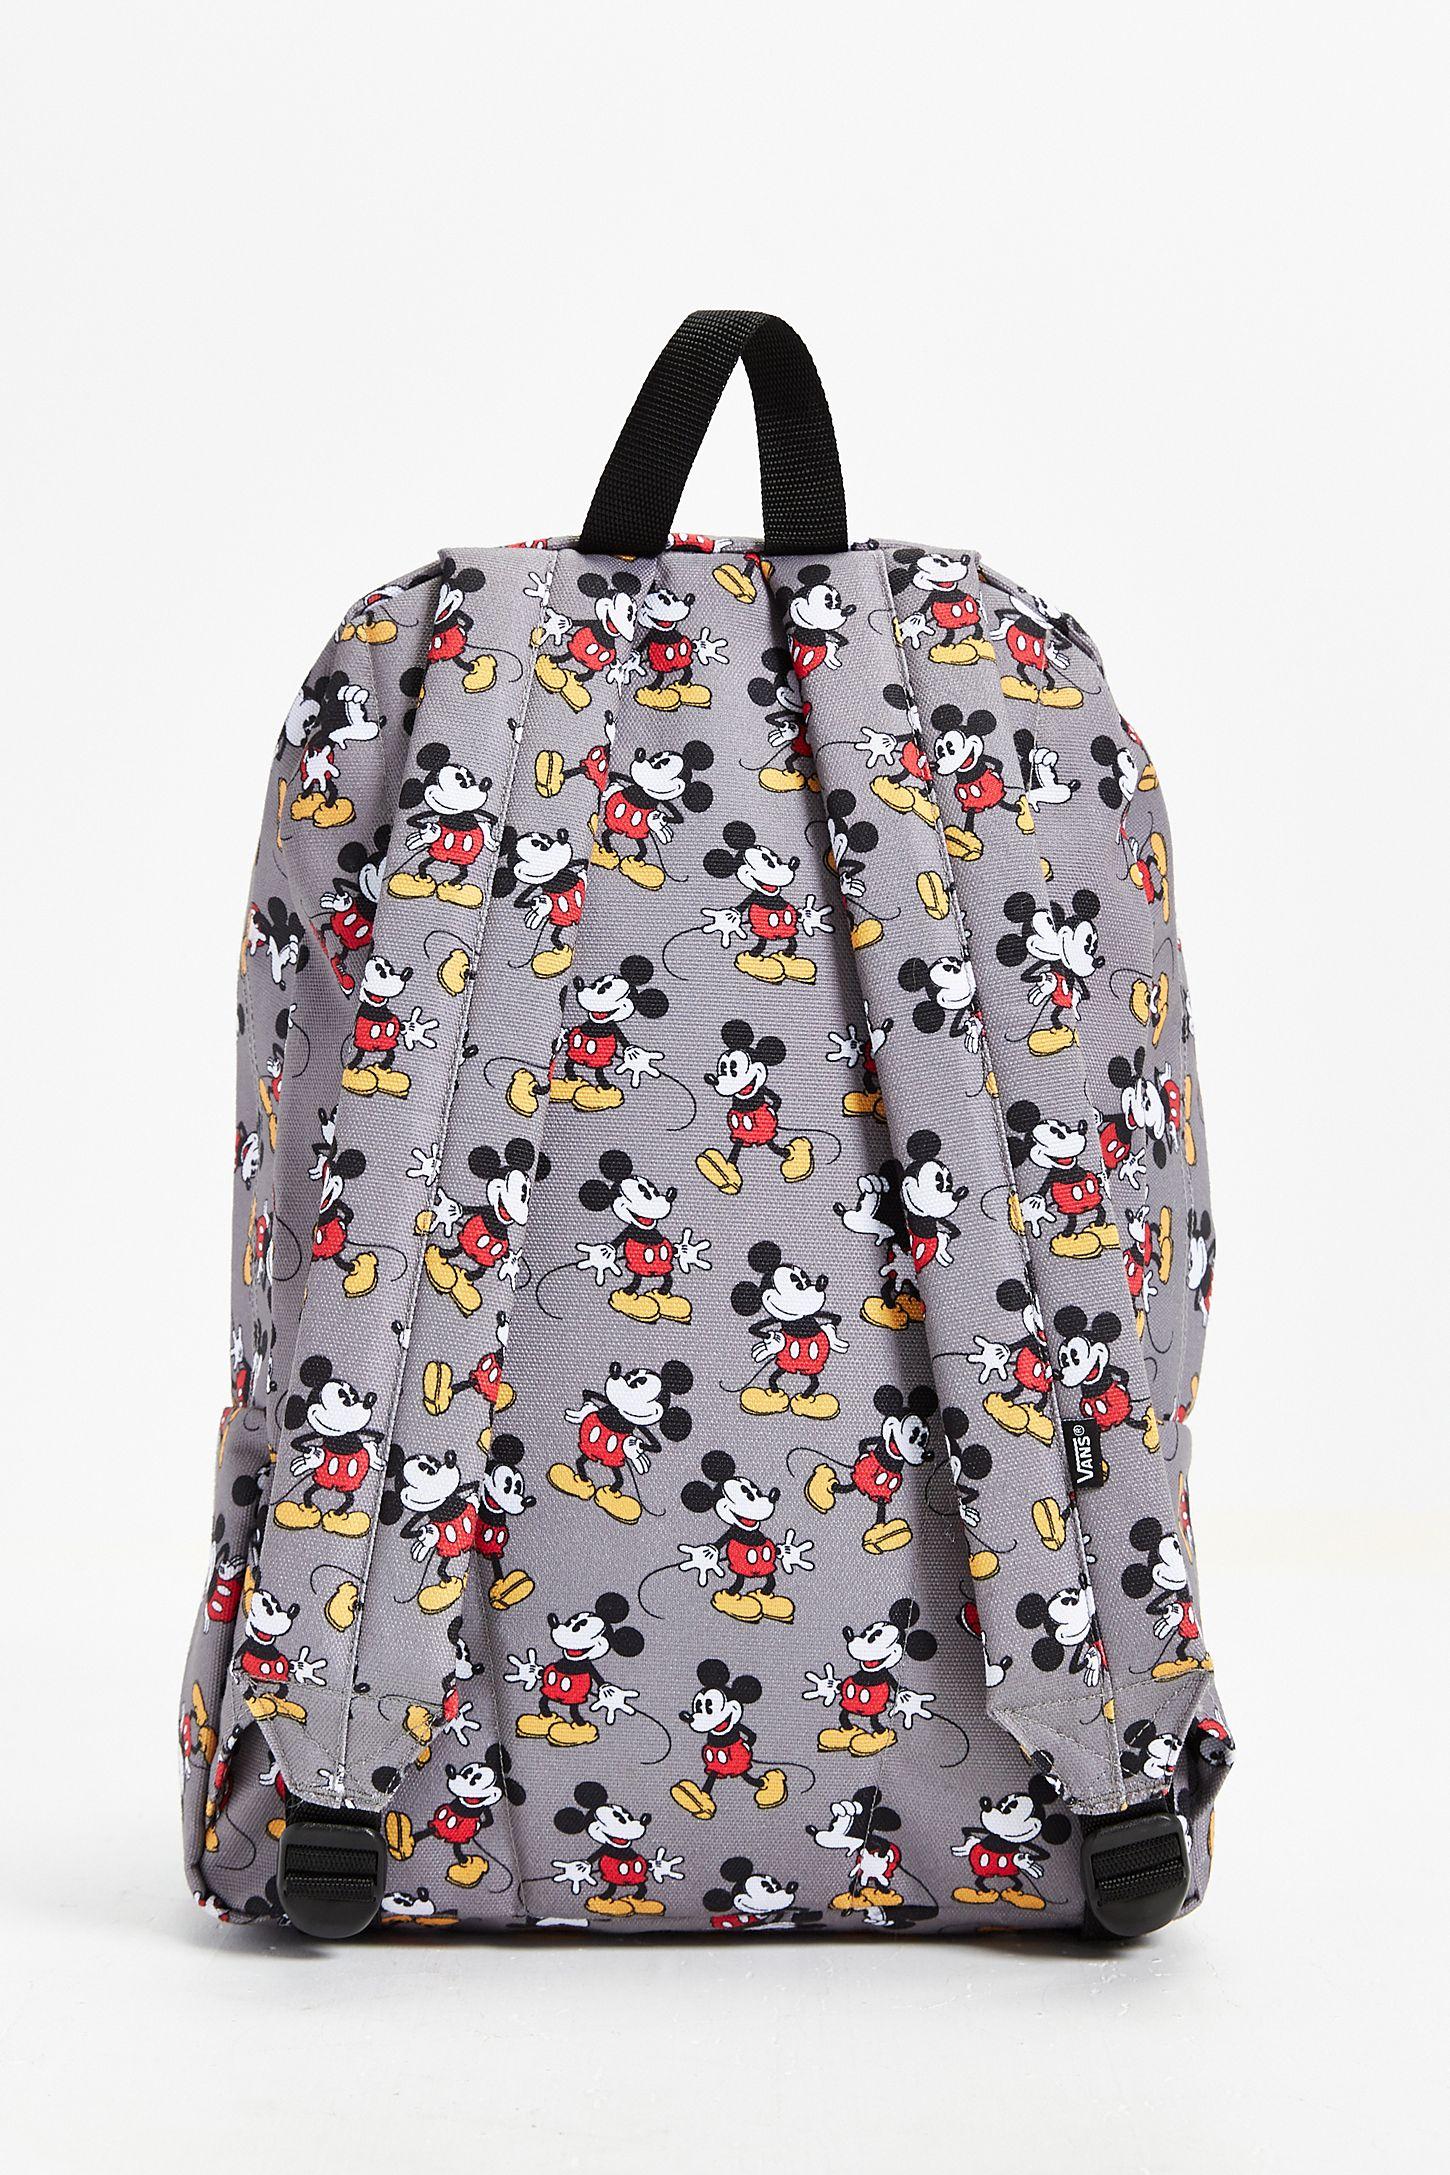 8ebe2d67d6 Vans Disney Old Skool II Backpack | Urban Outfitters